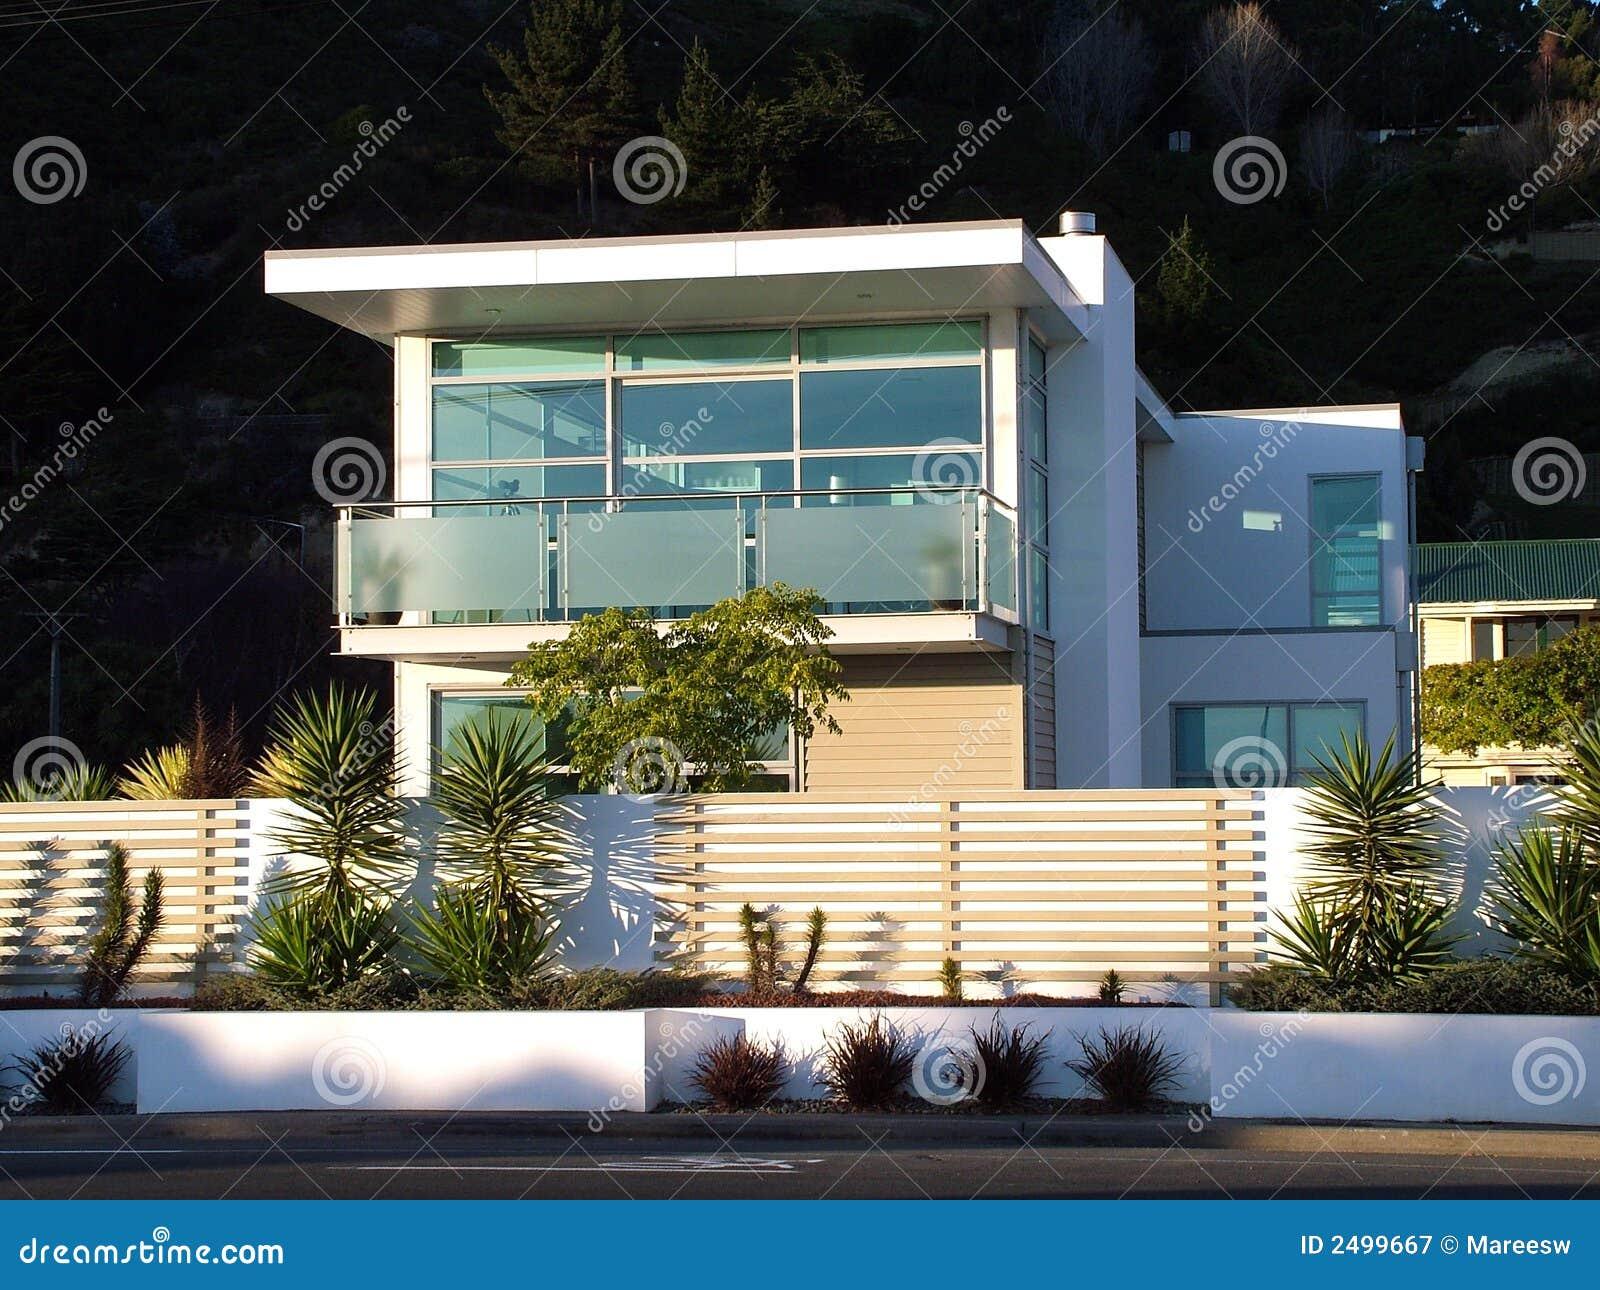 Modernes Haus stockbild. Bild von frontseite, wohn, glas - 2499667